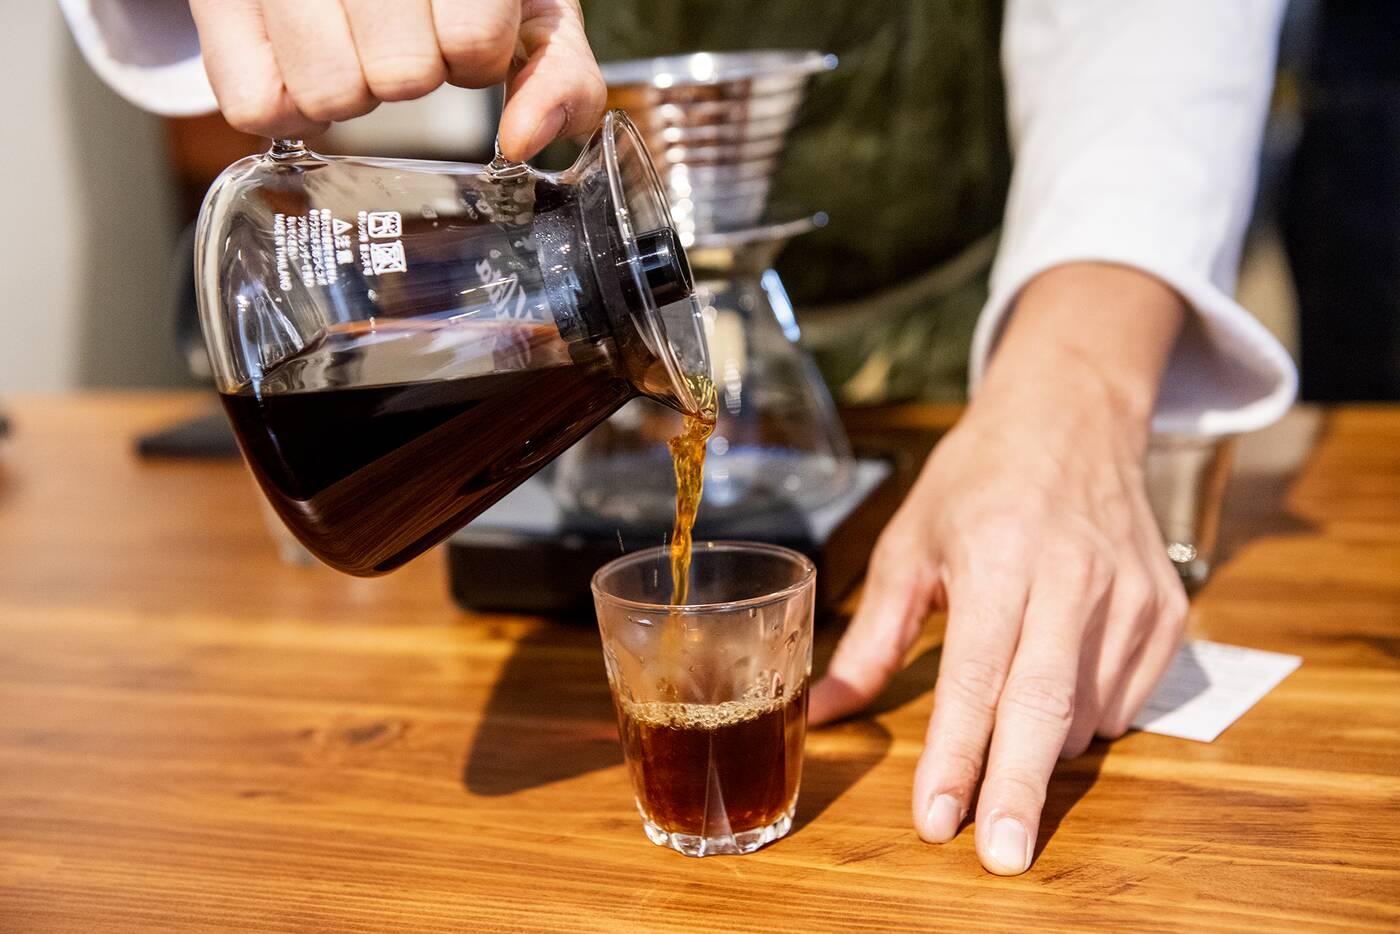 RGLR Coffee Toronto